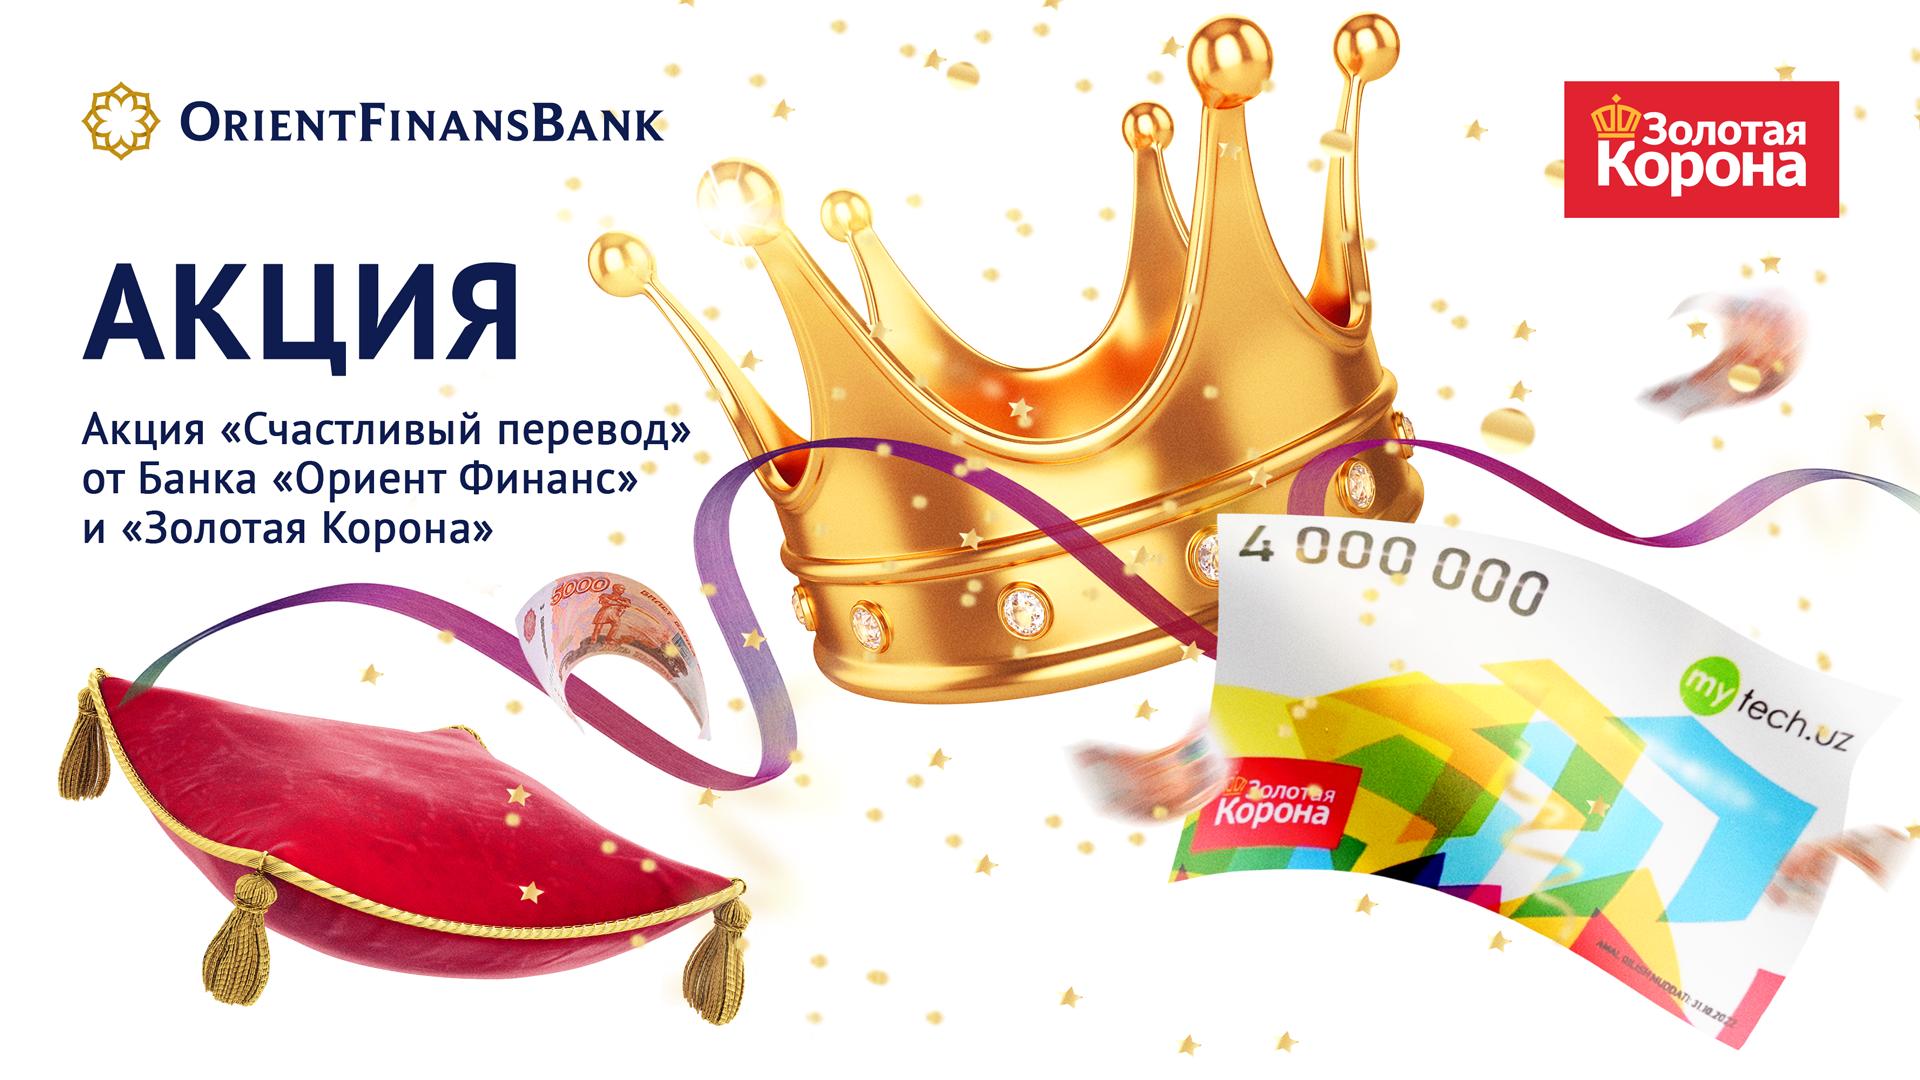 Банк «Ориент Финанс» совместно с «Золотой короной» разыгрывает сертификаты на приобретение бытовой техники